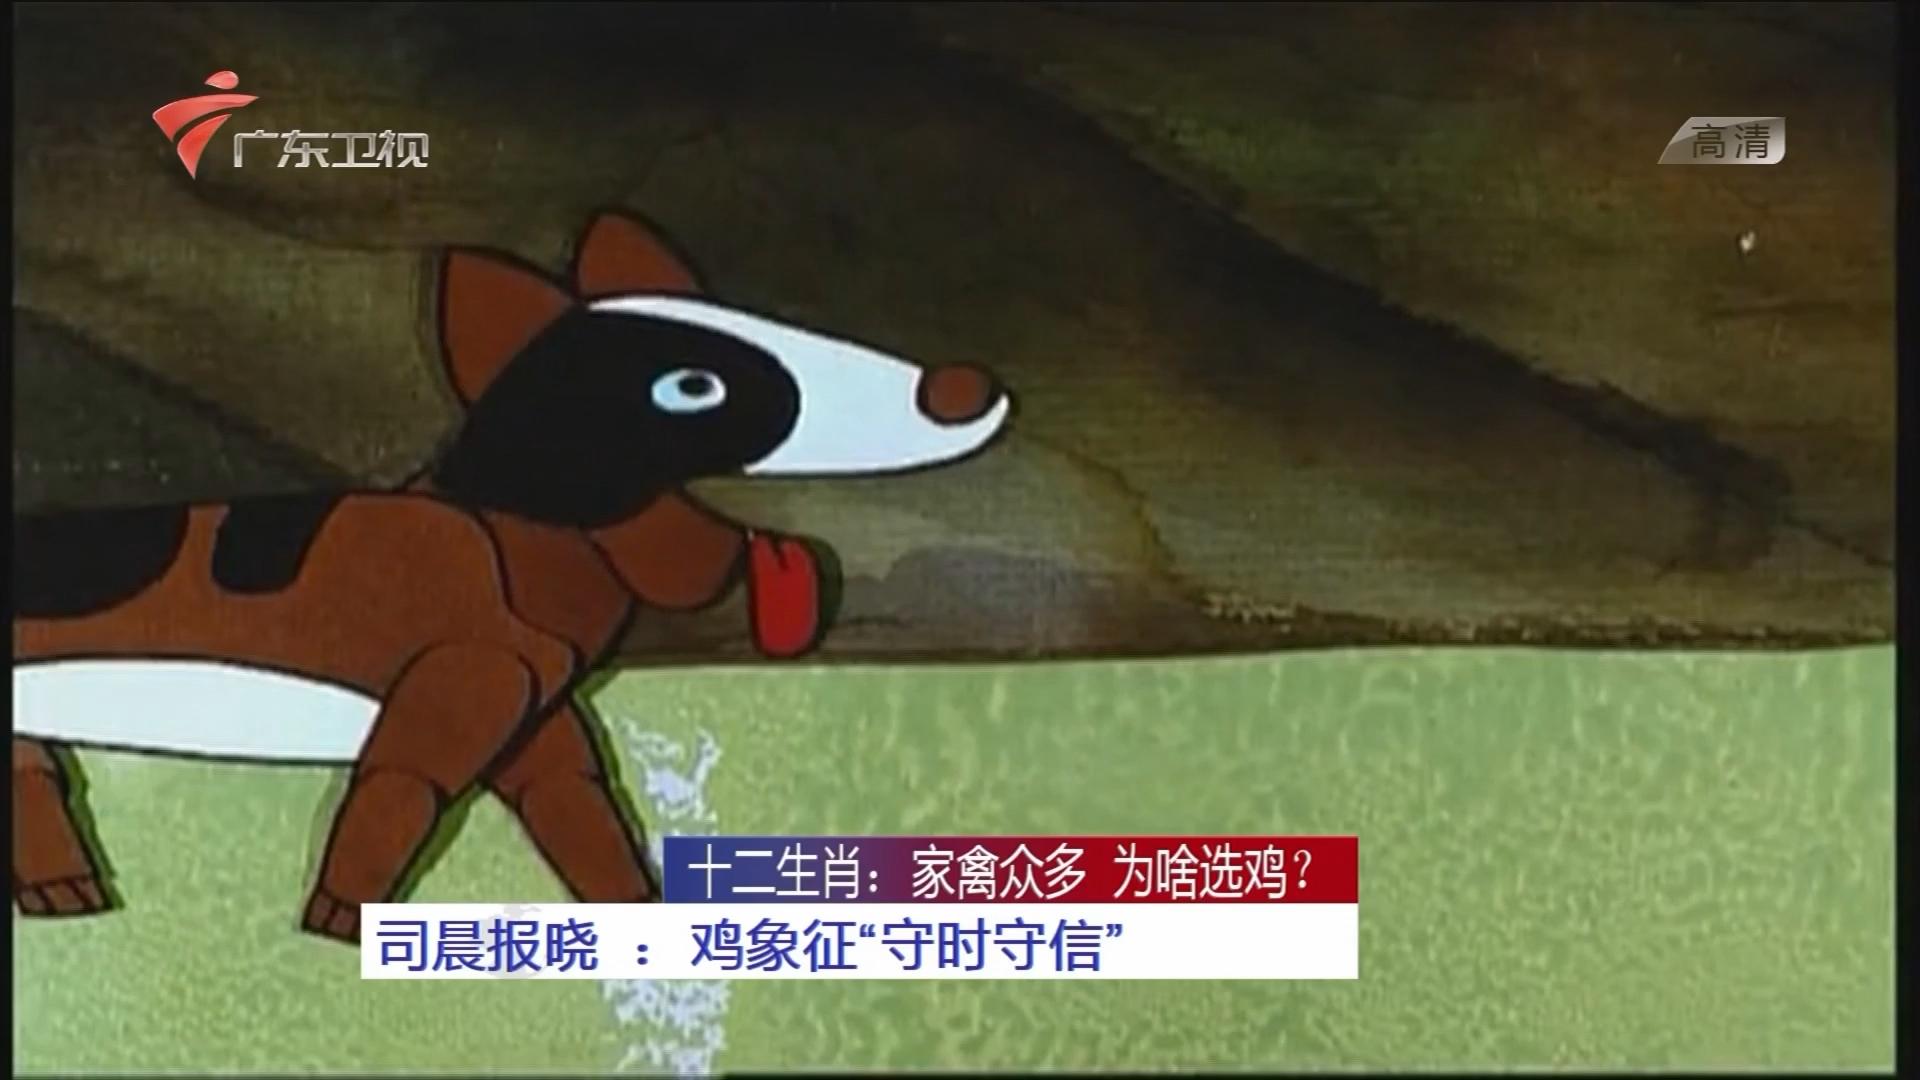 """十二生肖:家禽众多 为啥选鸡? 司晨报晓:鸡象征""""守时守信"""""""